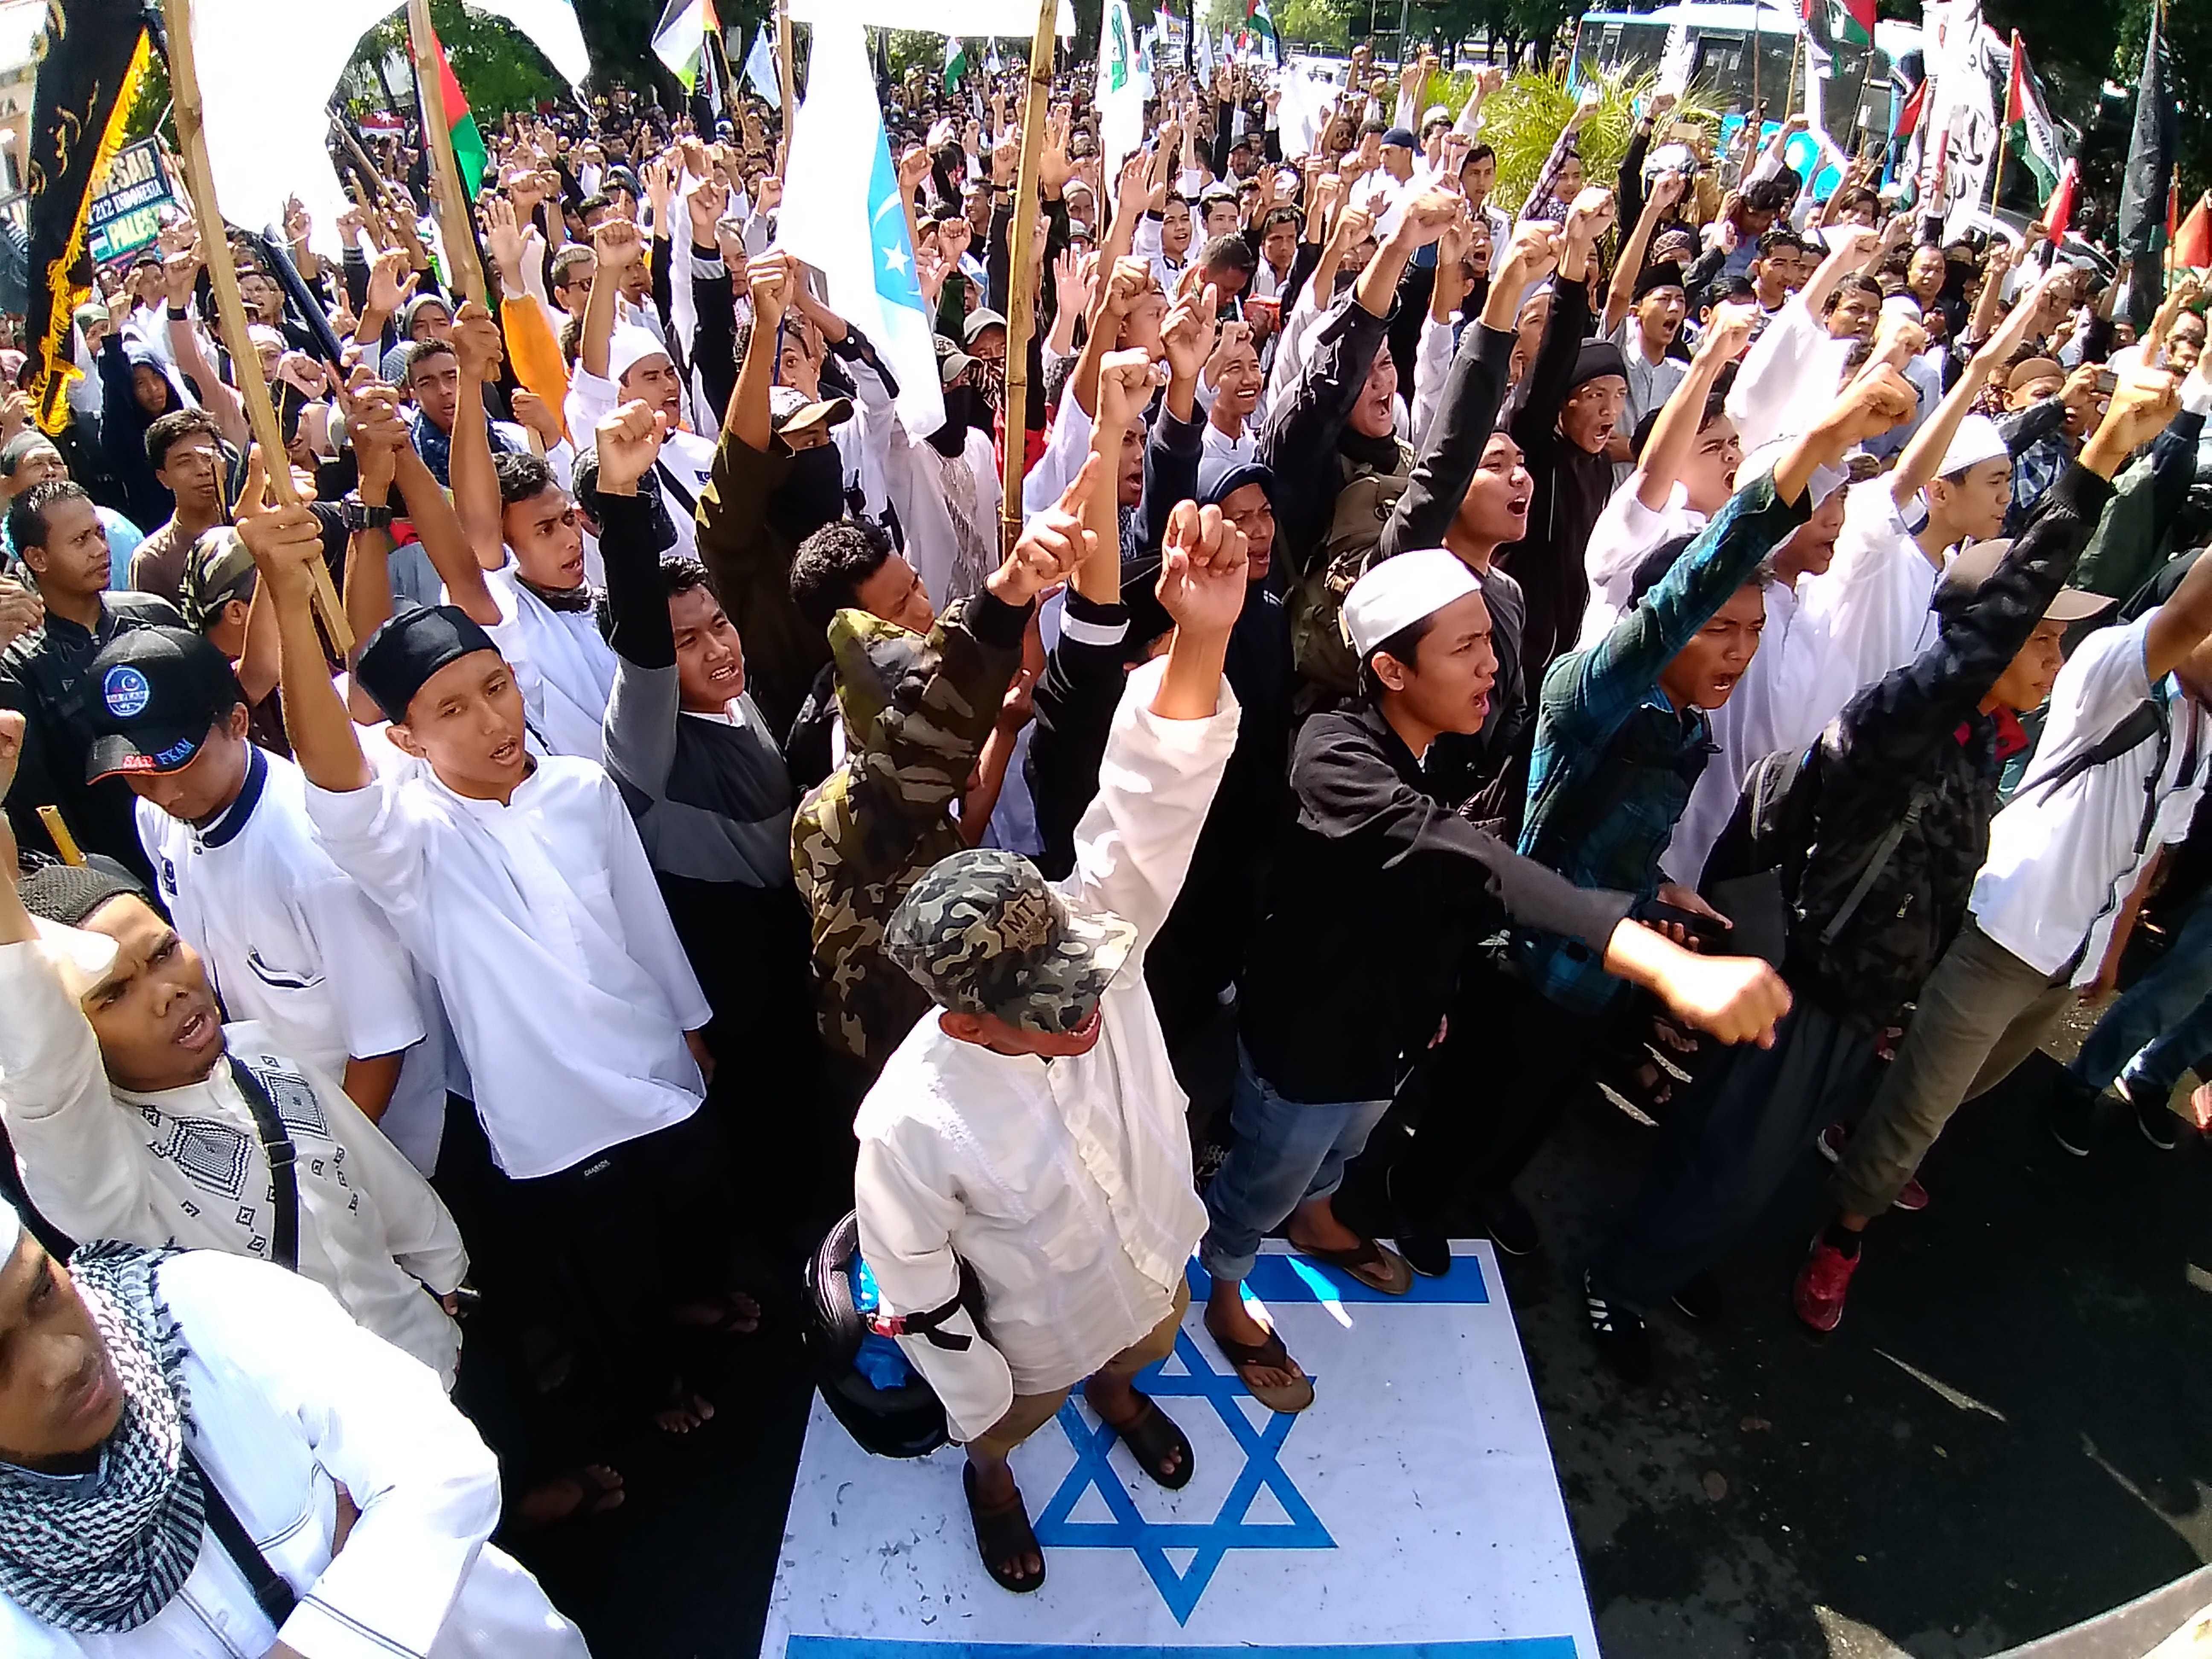 متظاهرون فى إندونيسيا